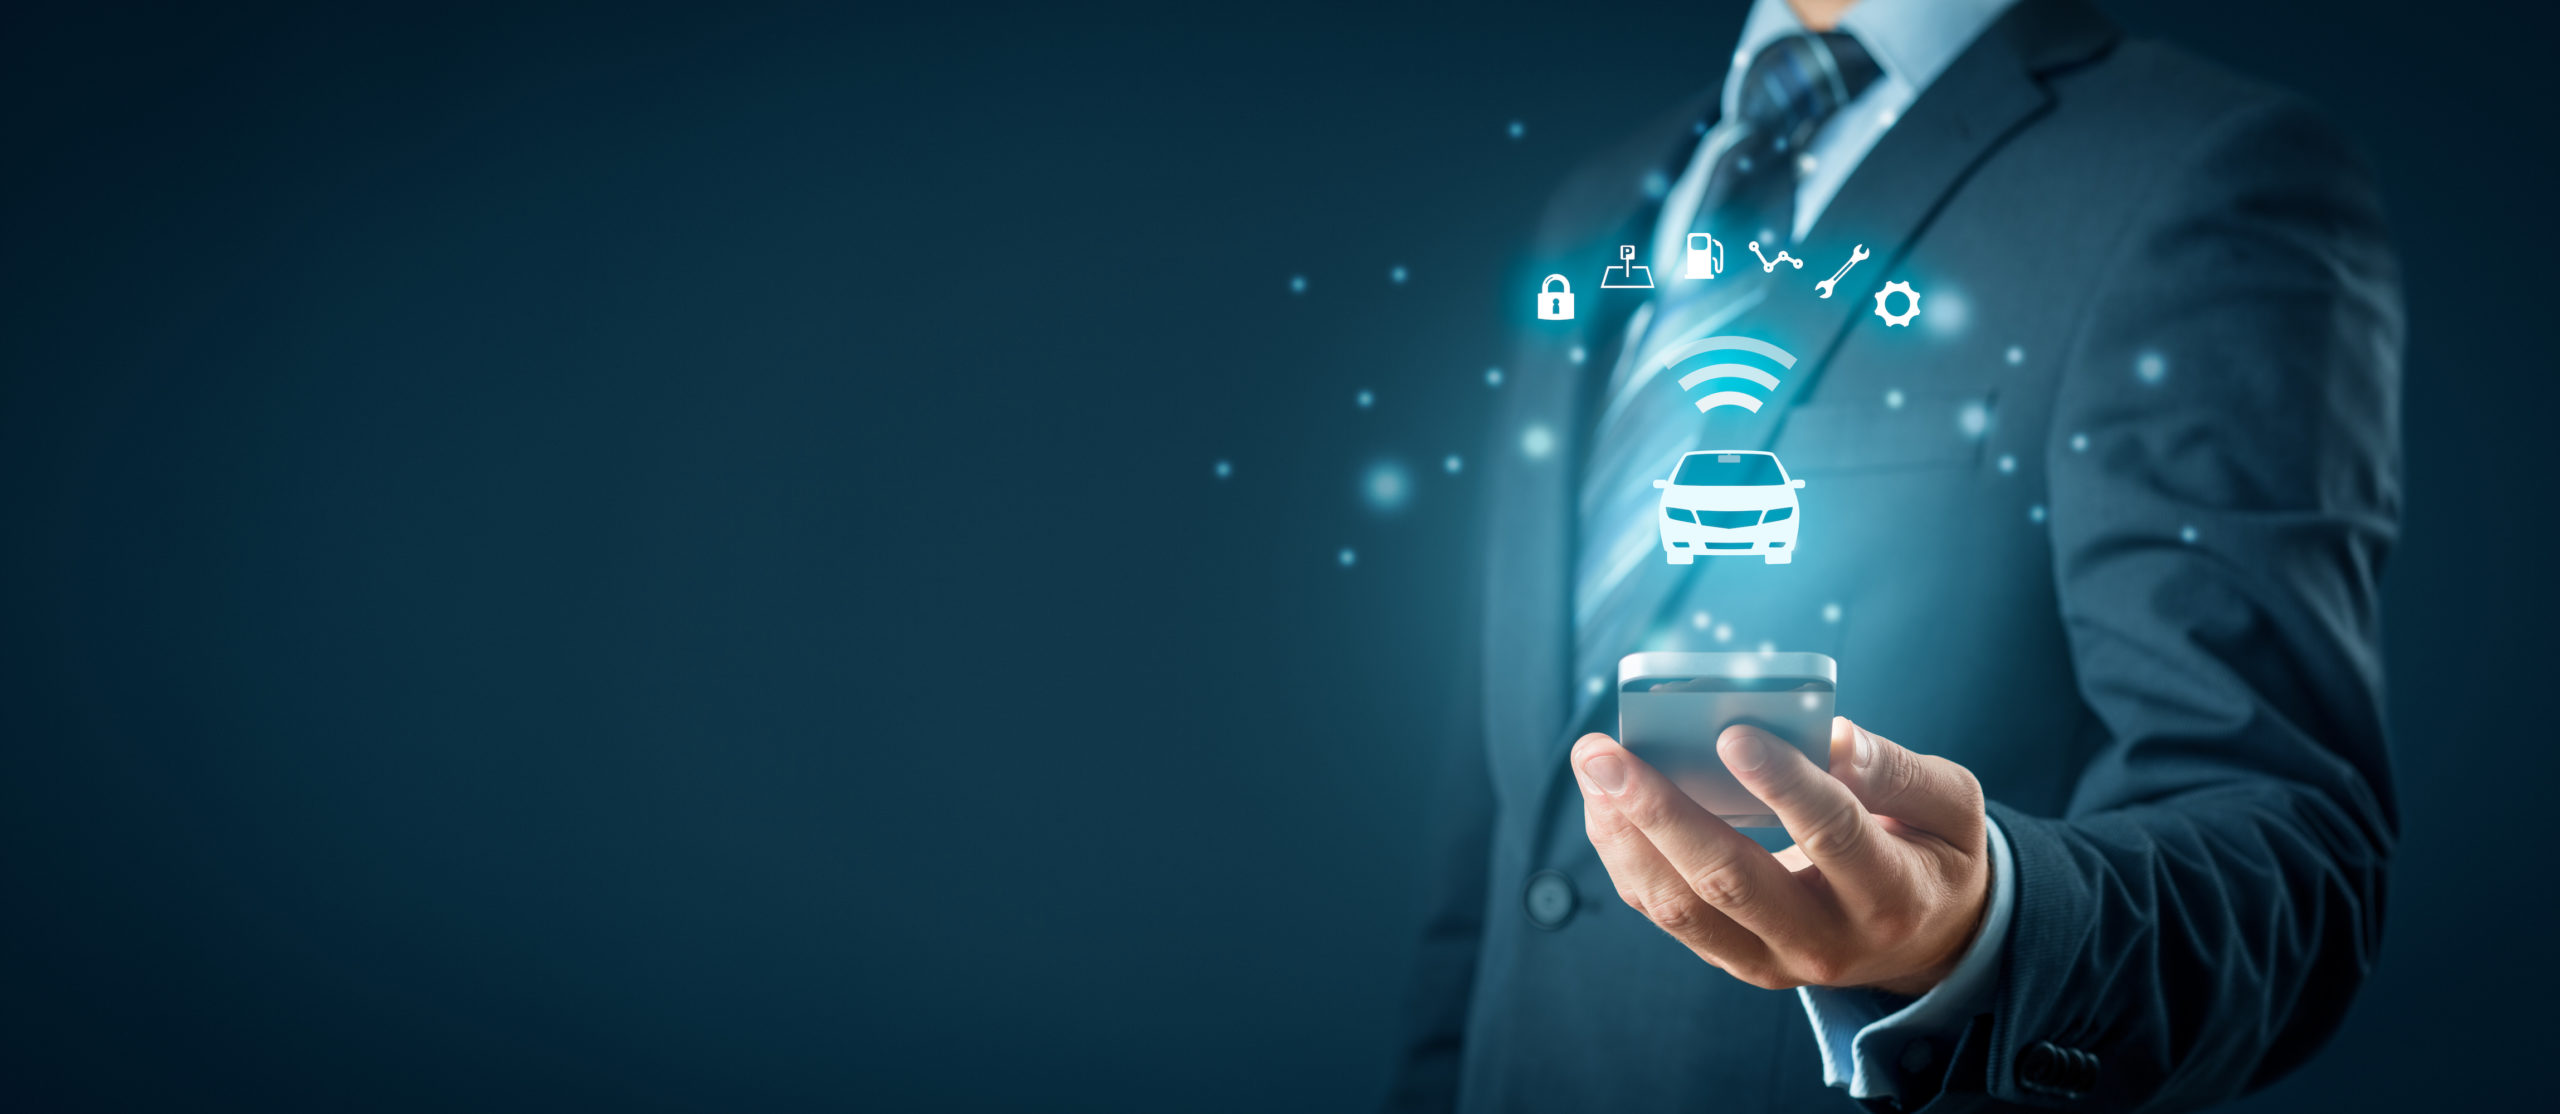 Imagem para ilustrar o texto sobre apps de manutenção de carro